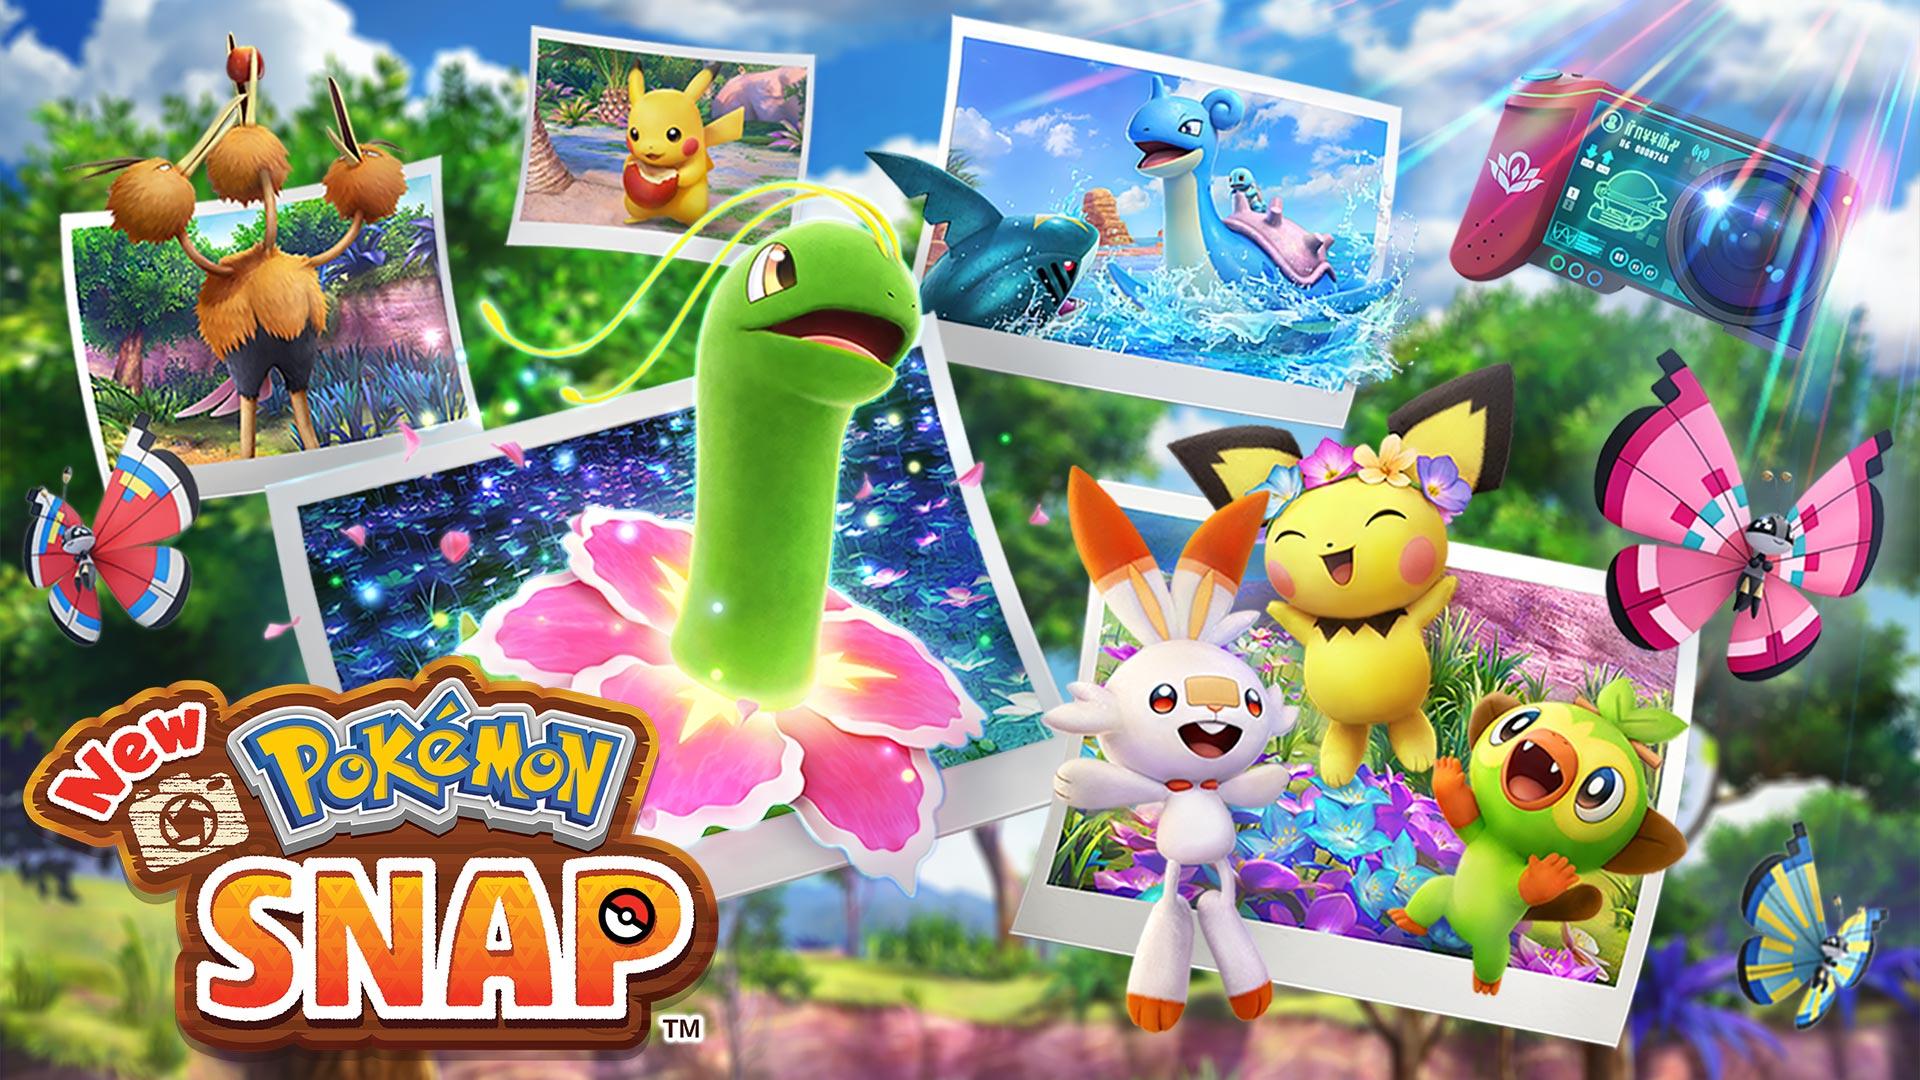 Przygotowania do 25. rocznicy serii Pokemon. New Pokemon Snap już w kwietniu